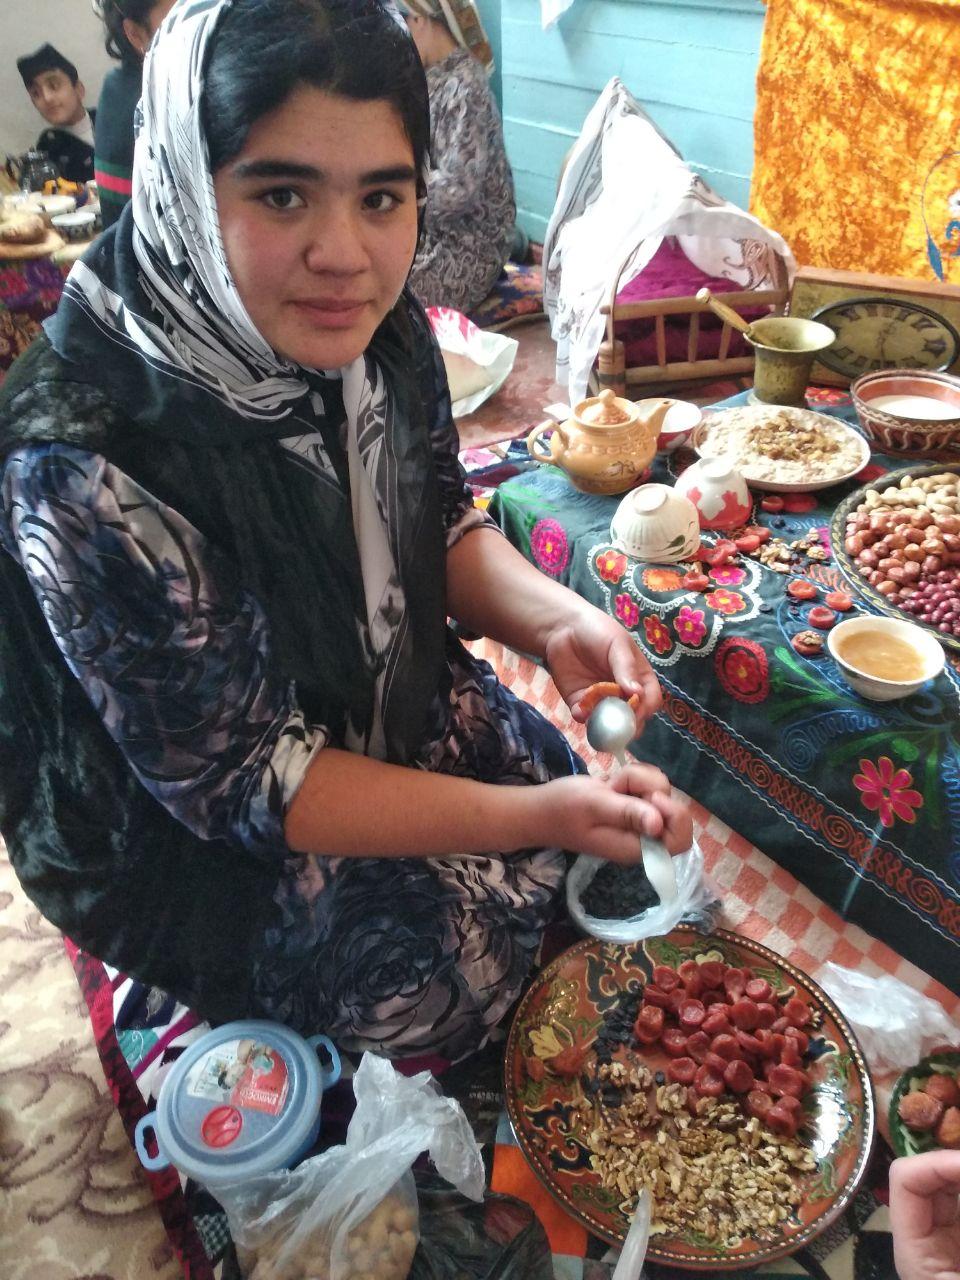 В поселке Бричмулла прошли кулинарные состязания по приготовлению хаштака